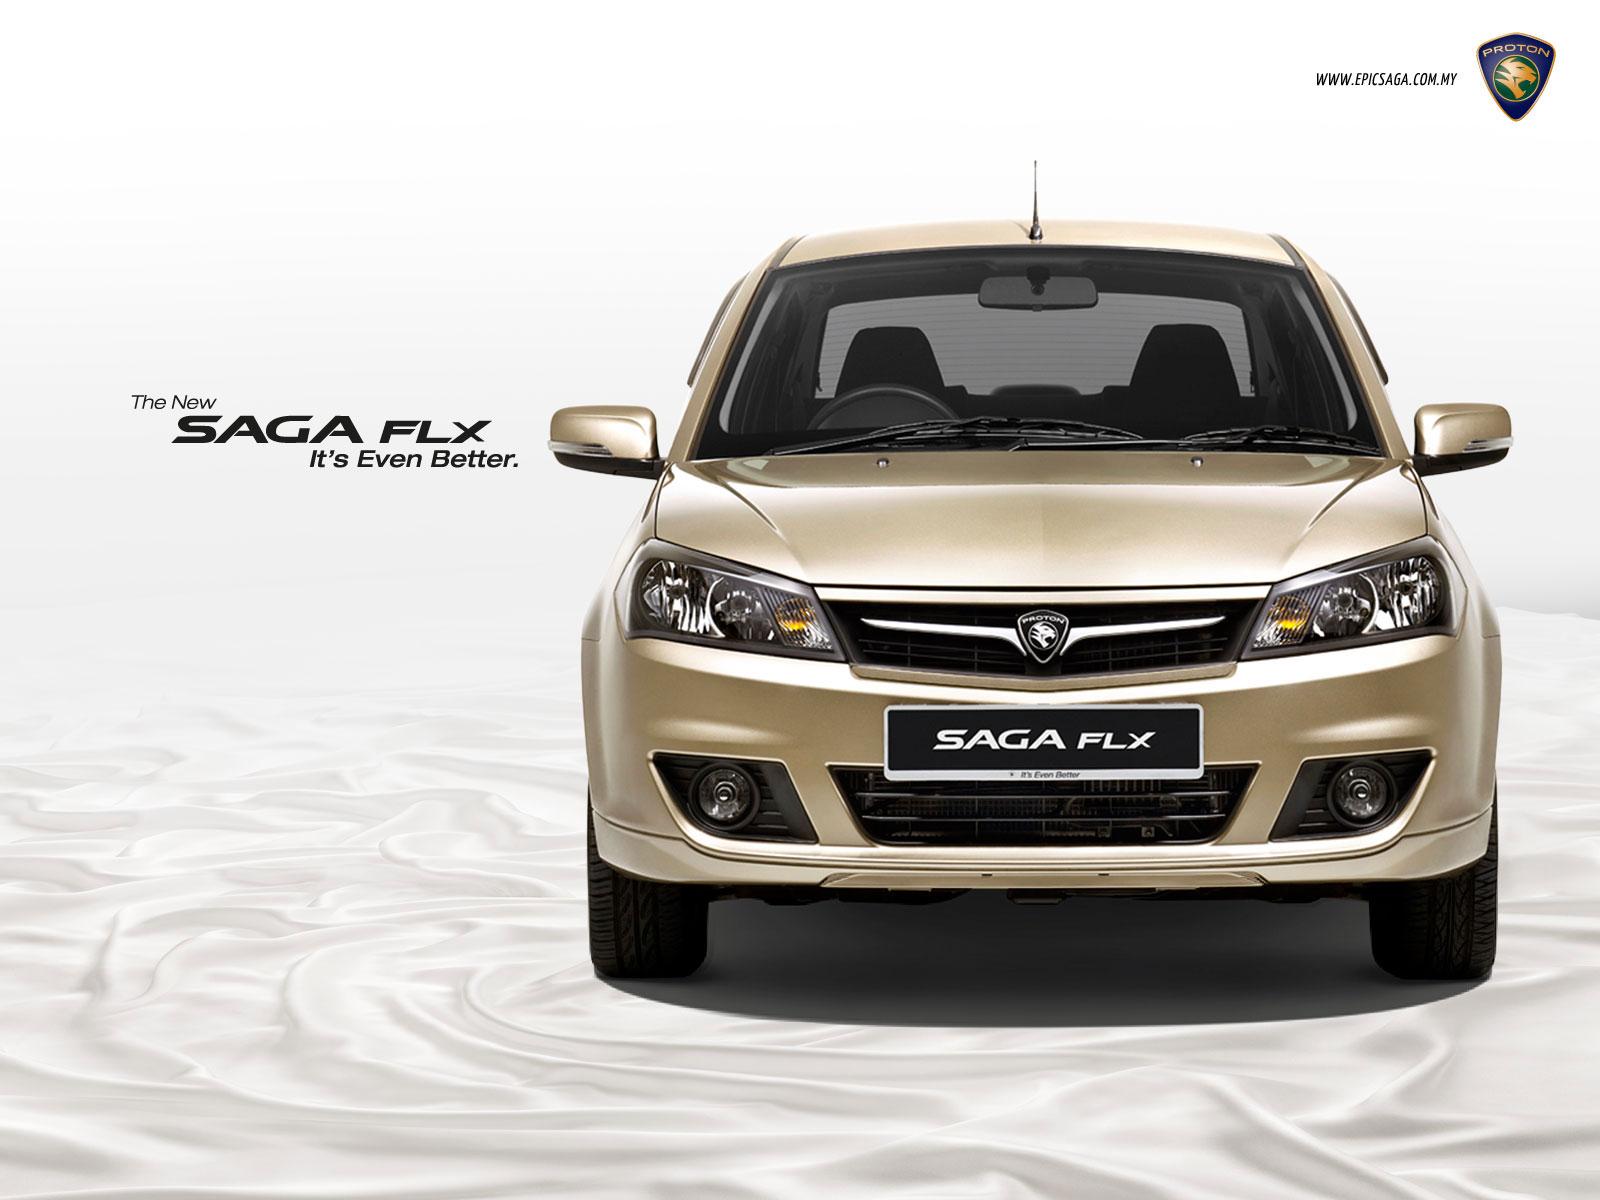 proton saga flx new price list 2012 my best car dealer. Black Bedroom Furniture Sets. Home Design Ideas